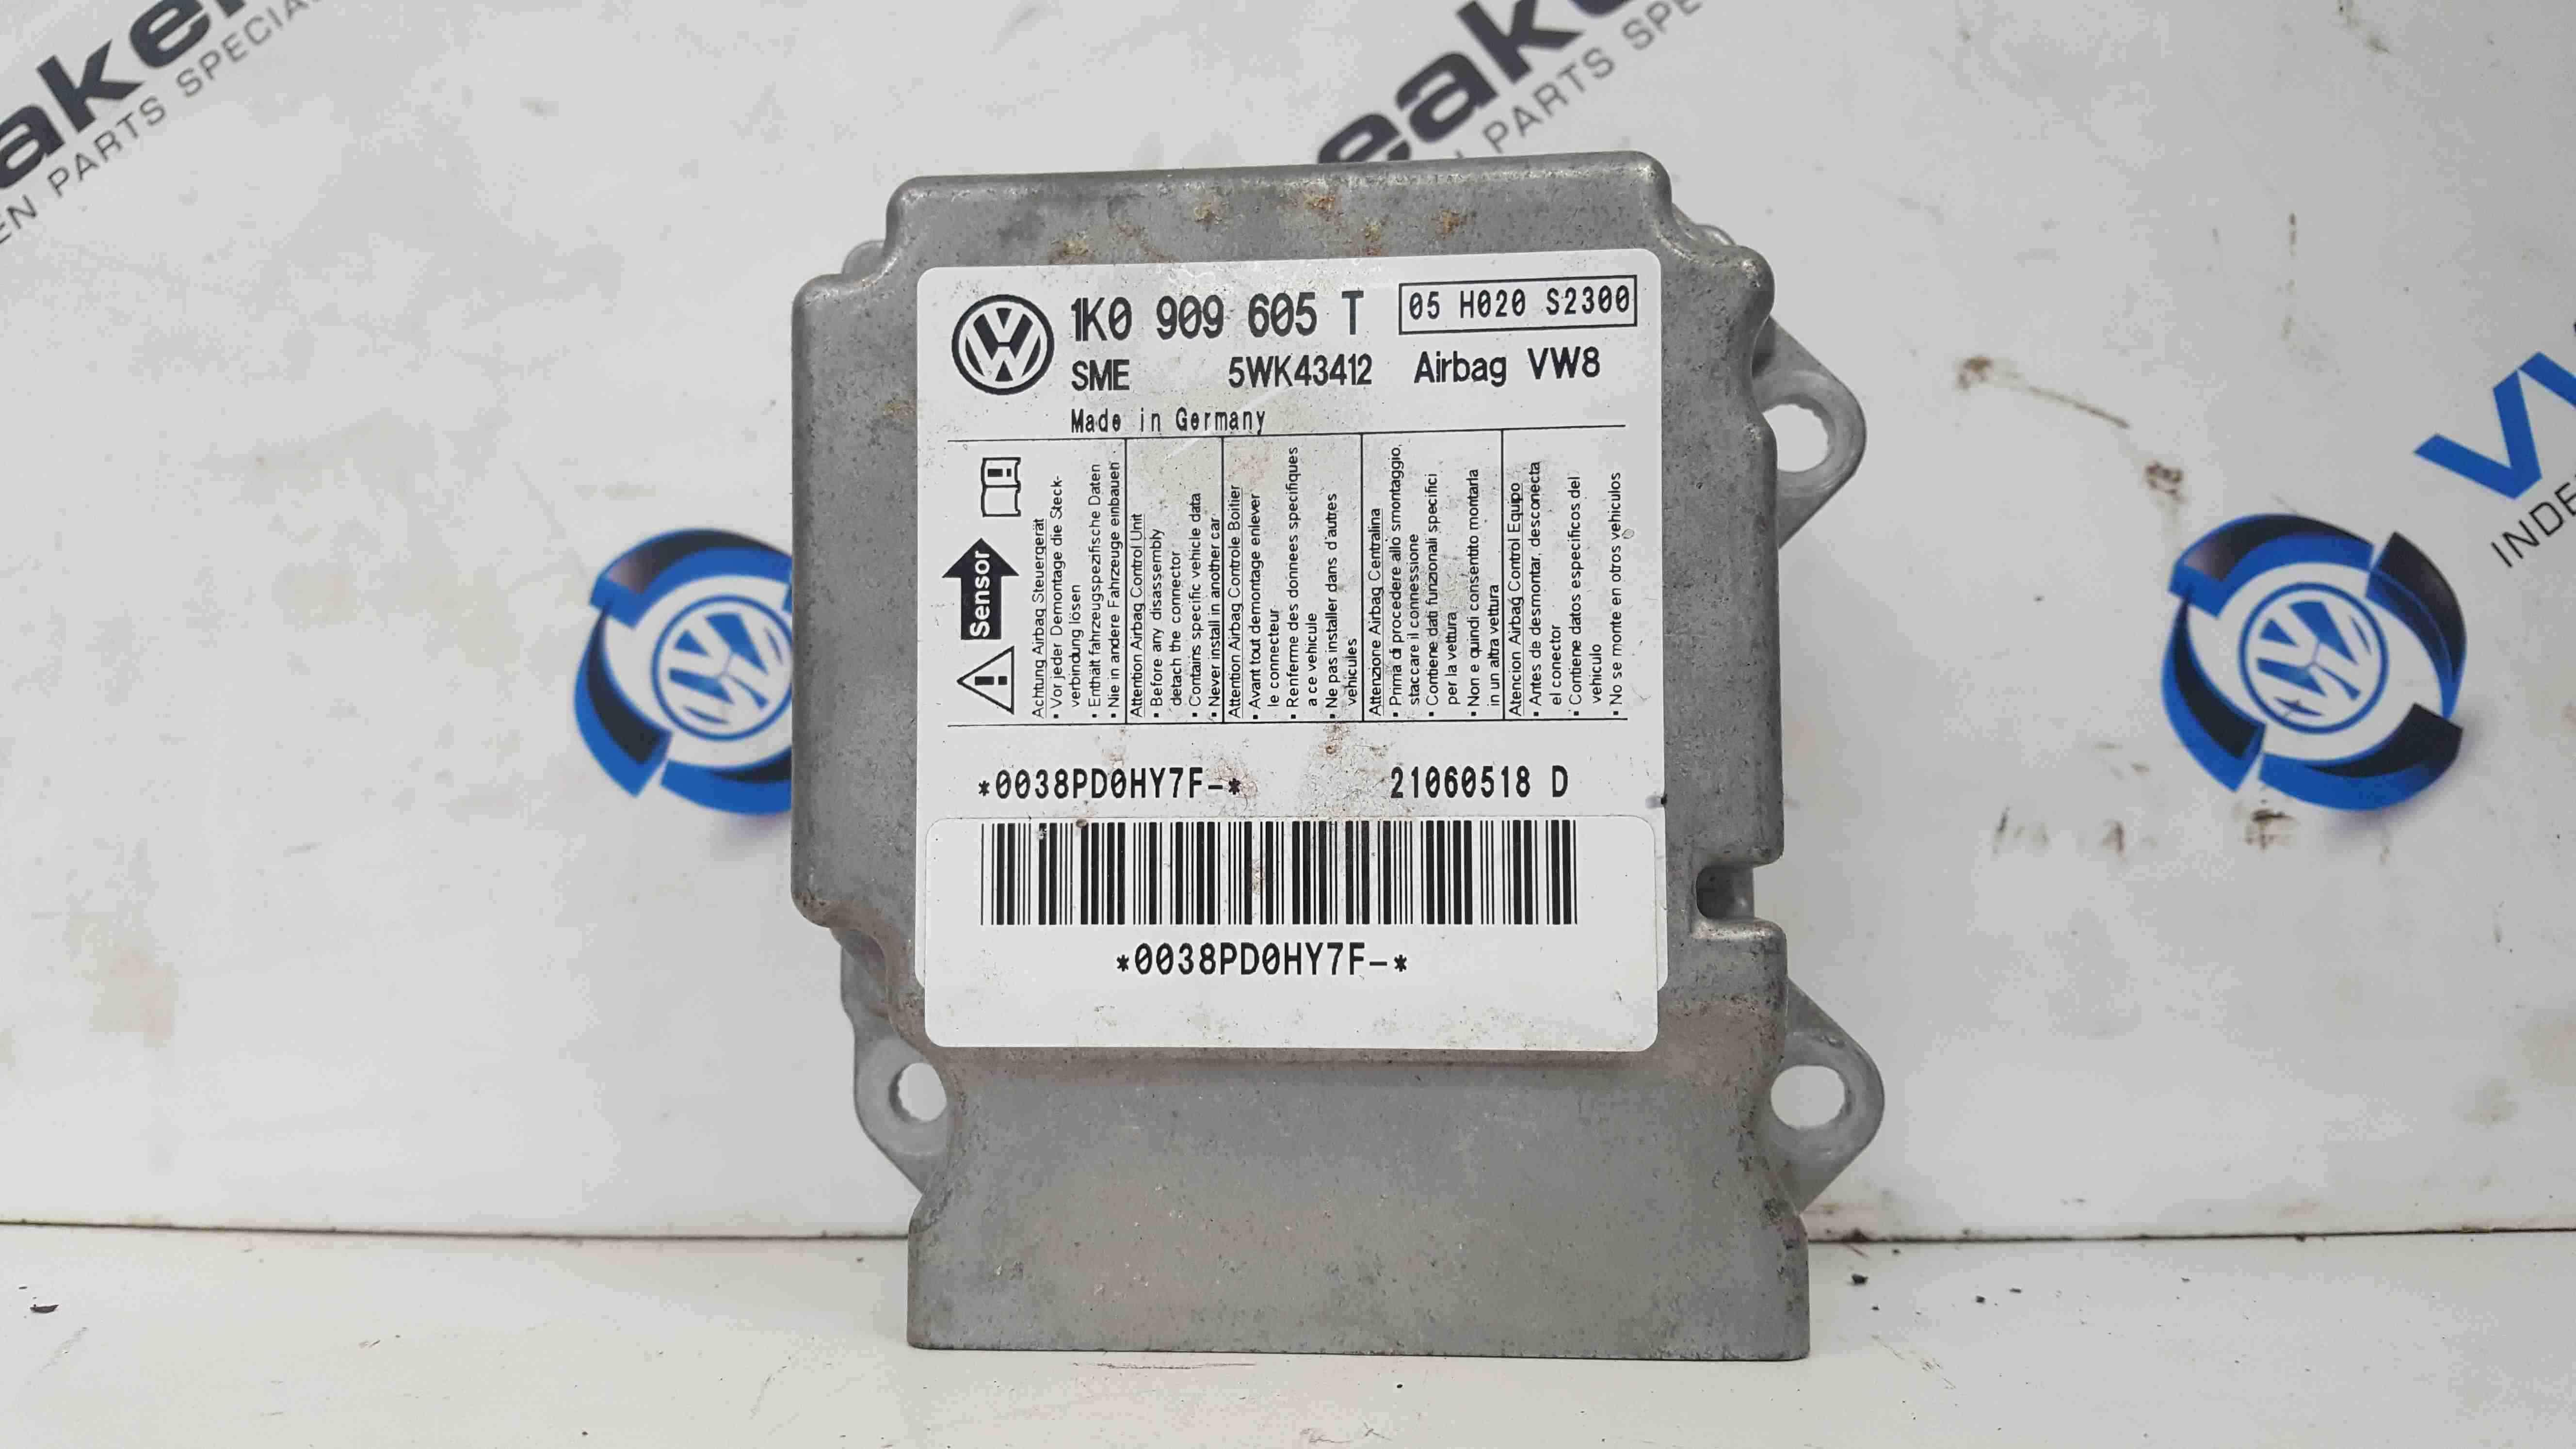 Volkswagen Golf MK5 2003-2009 Airbag ECU Module 1K0909605T